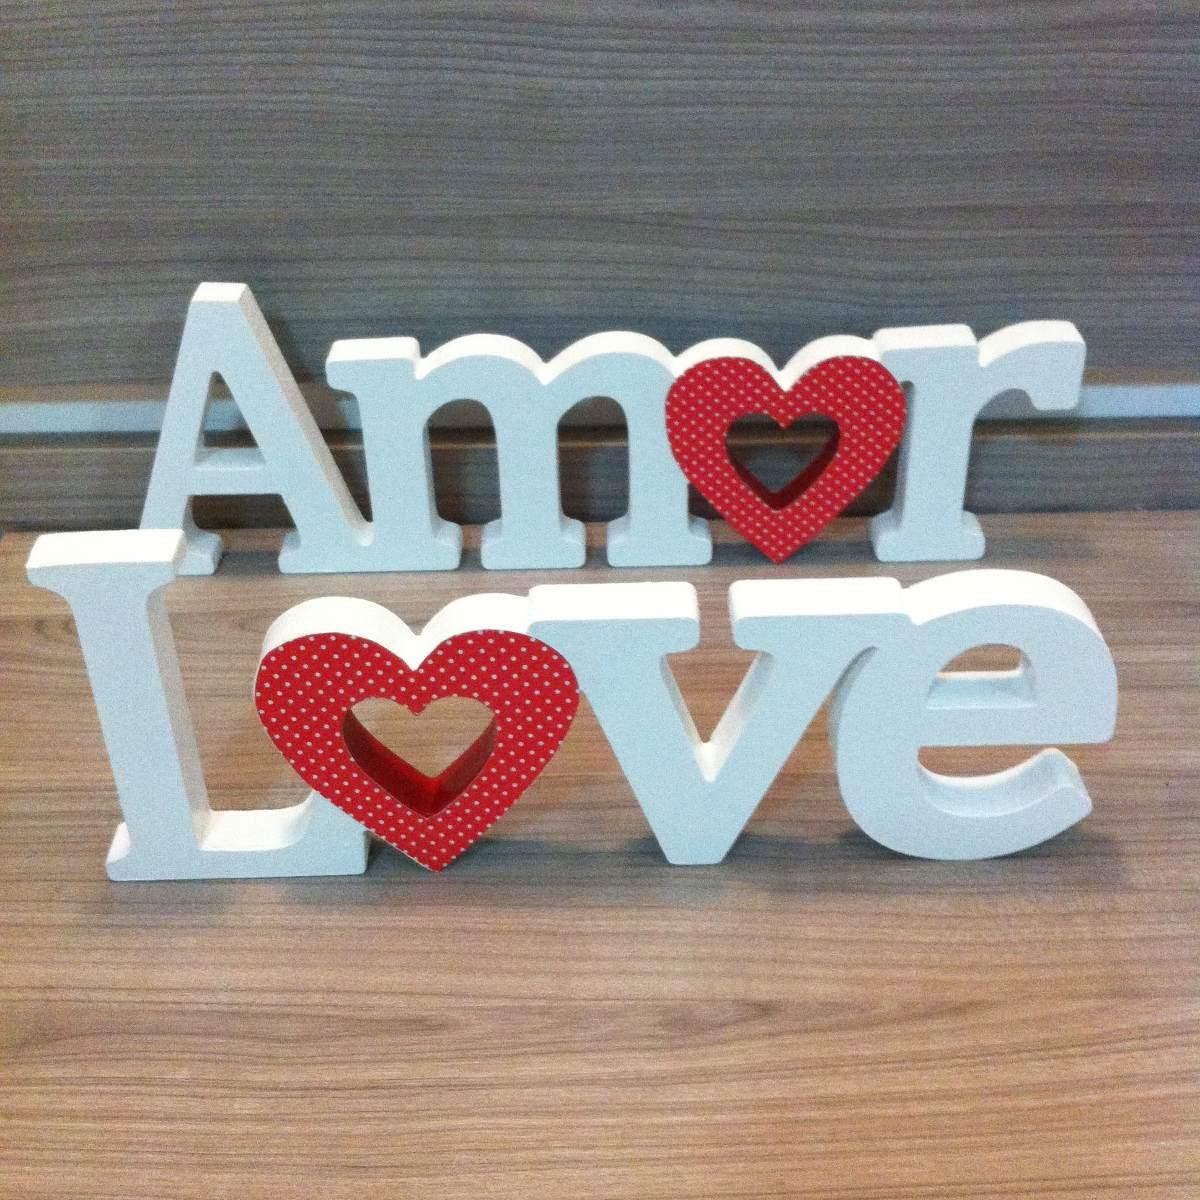 Artesanato Letras Love ~ Letras Palavras Mdf Decoradas Amor Love Coraç u00e3o Casamento R$ 39,99 em Mercado Livre